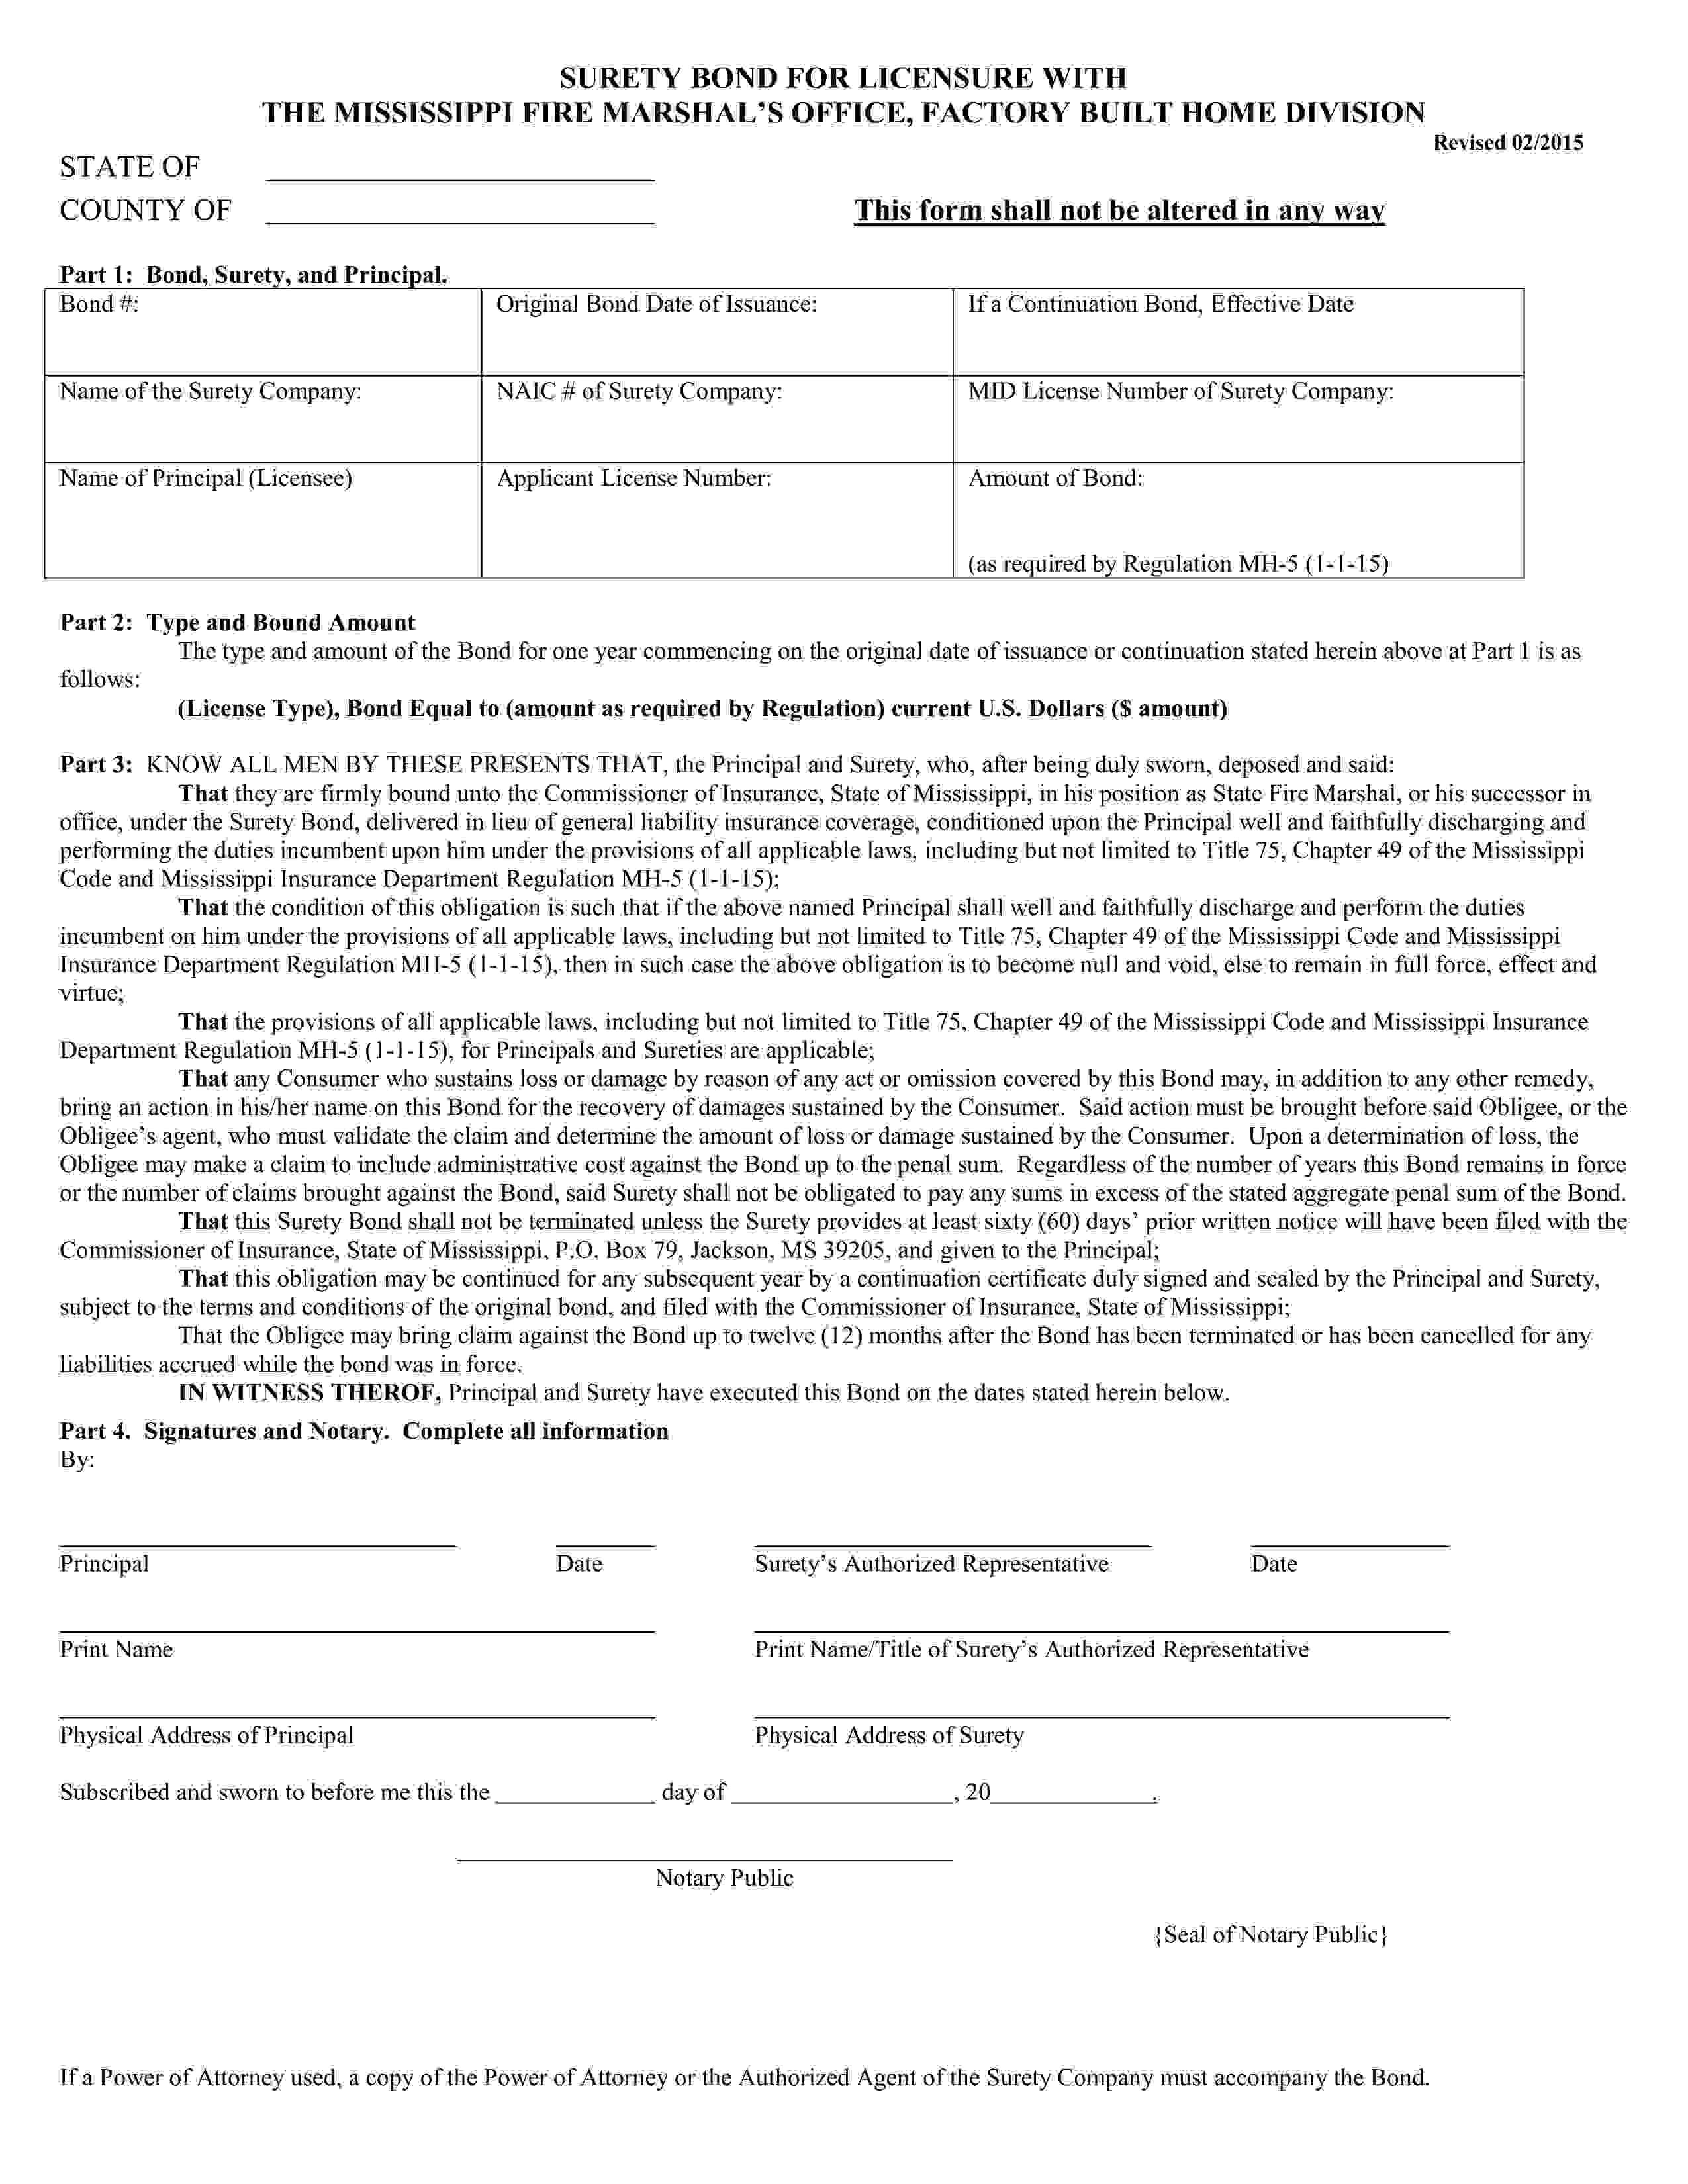 Mississippi Commissioner of Insurance Manufactured Home Developer Bond sample image